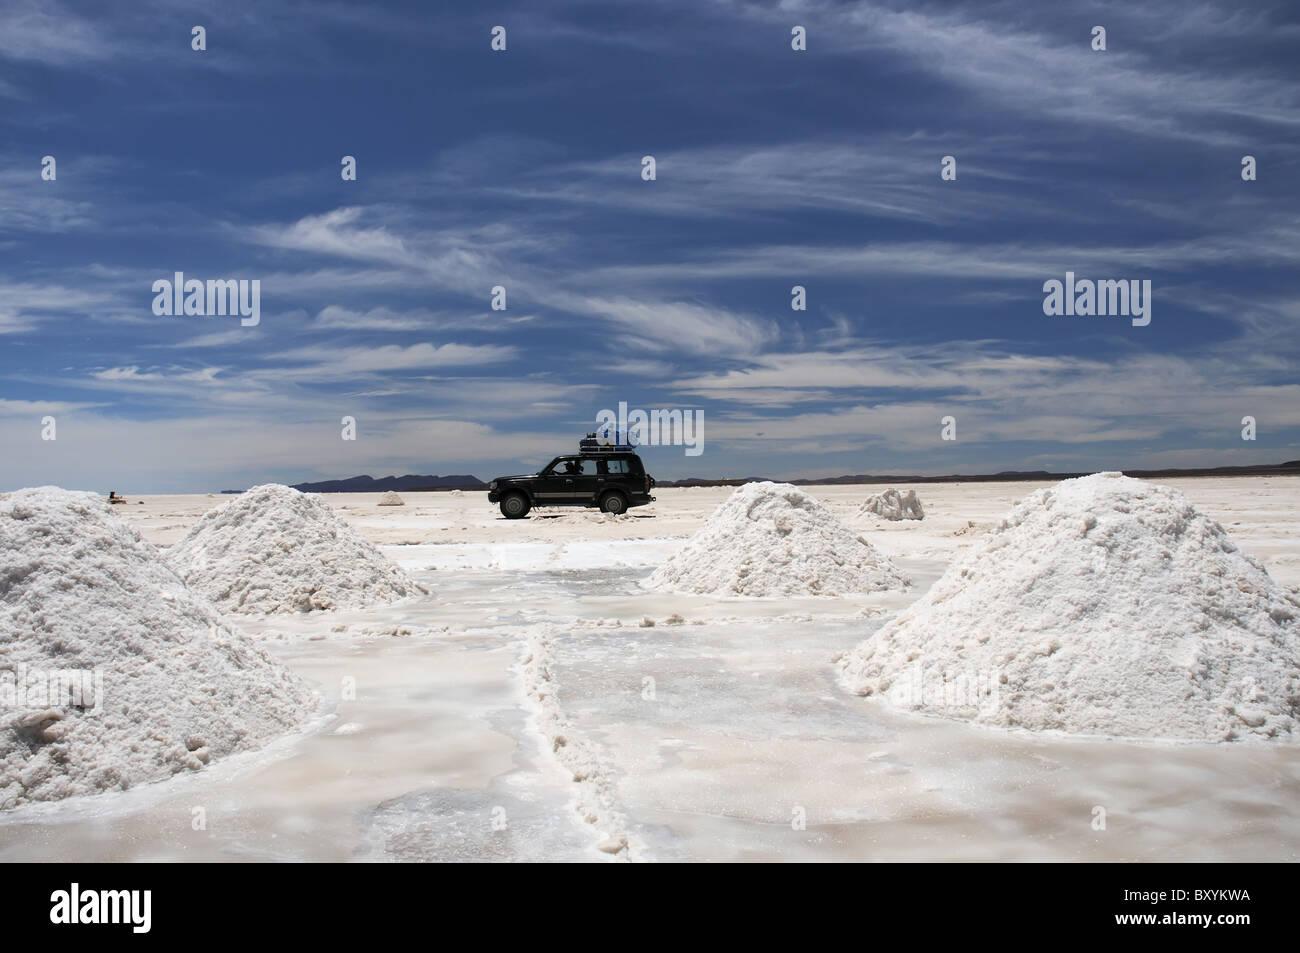 Un vehículo cruzando el salar de Uyuni entre montones de sal excavado y preparado para la purificación Imagen De Stock